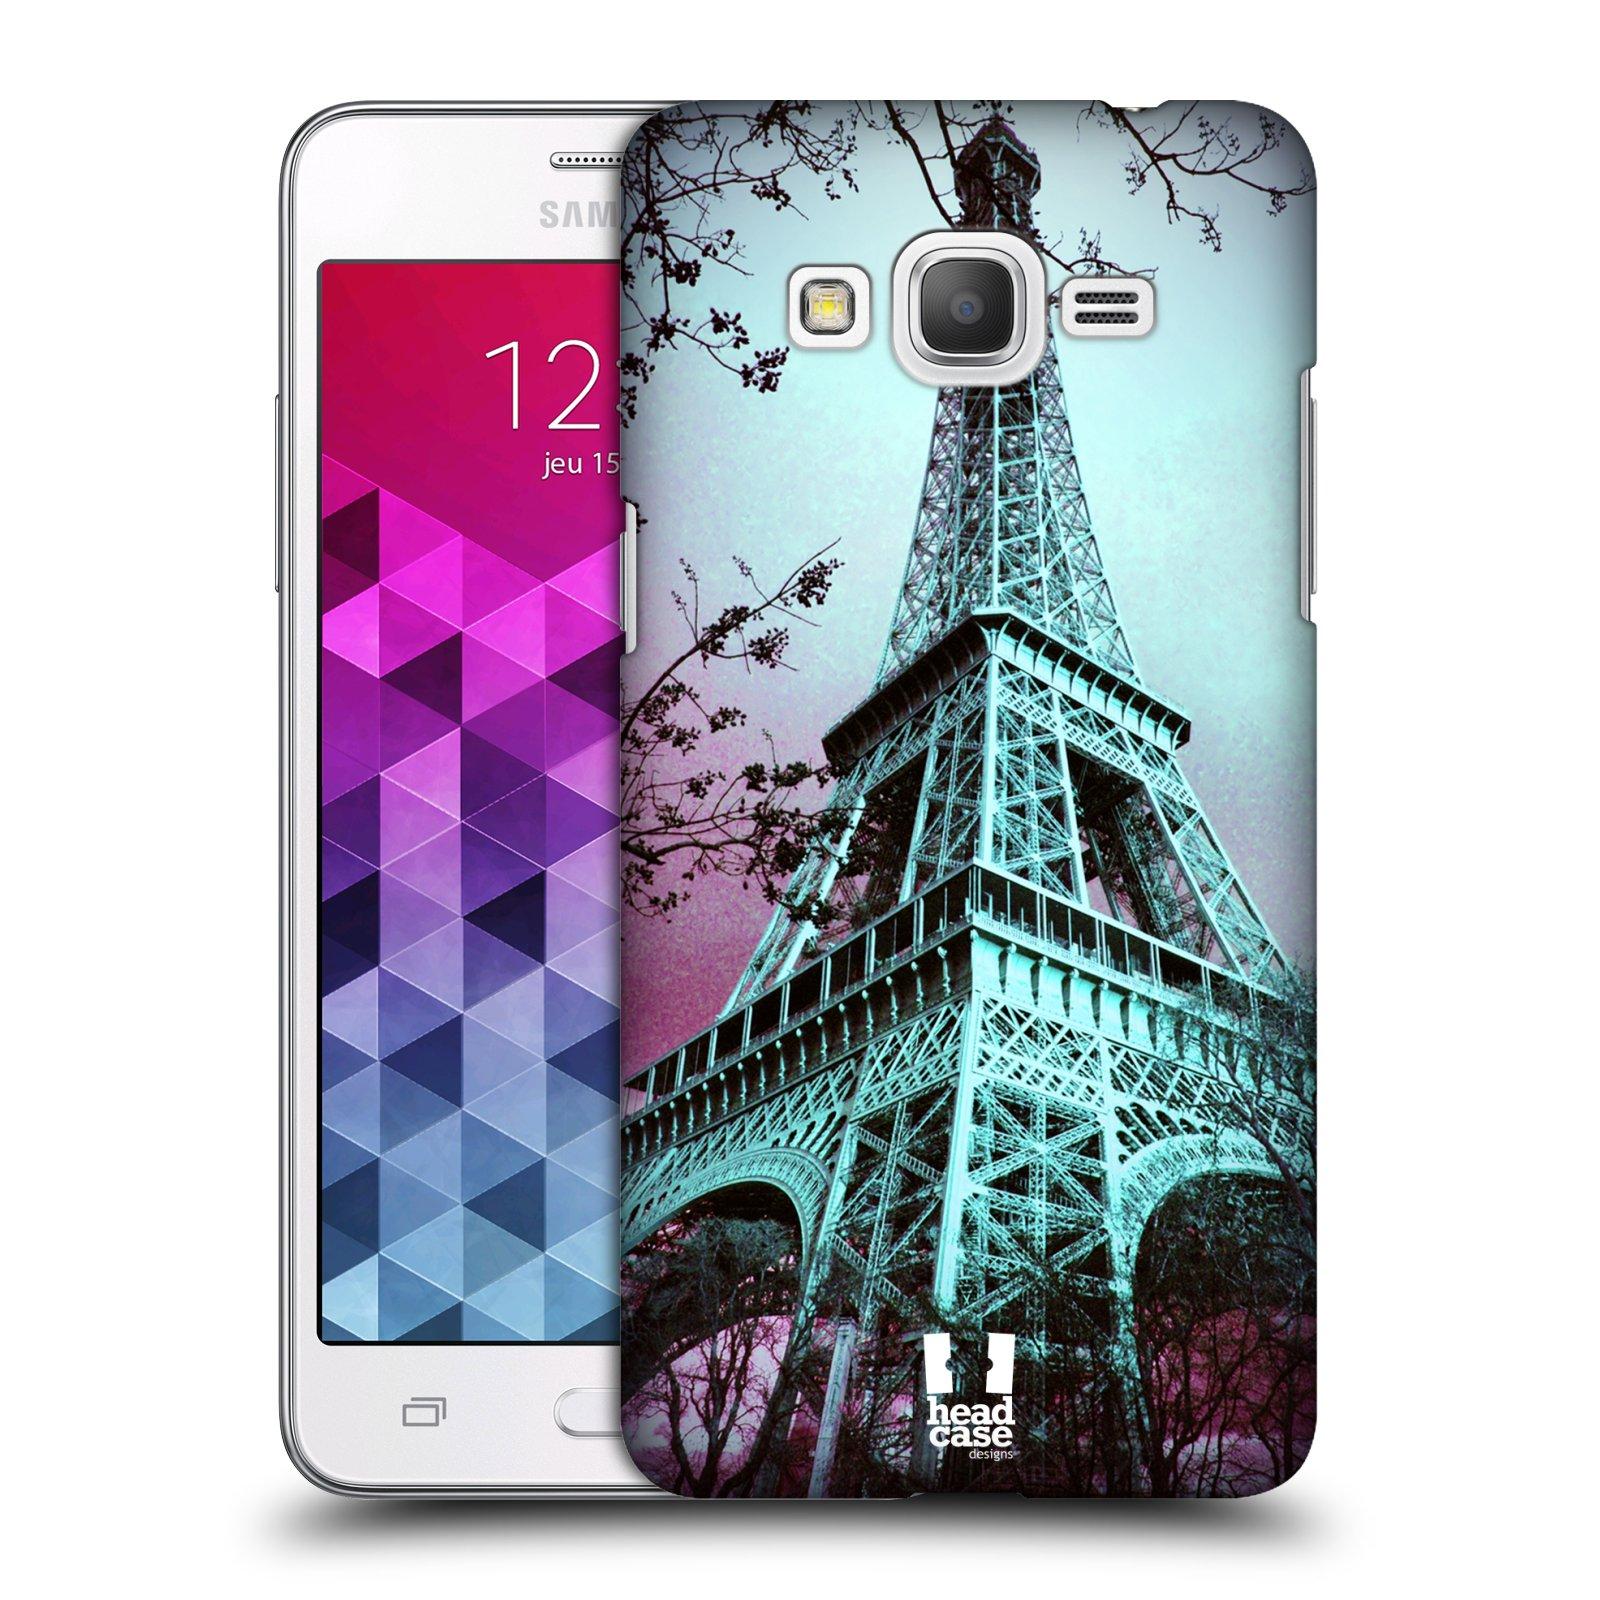 Plastové pouzdro na mobil Samsung Galaxy Grand Prime VE HEAD CASE RŮŽOVOMODRÁ AIFELOVKA